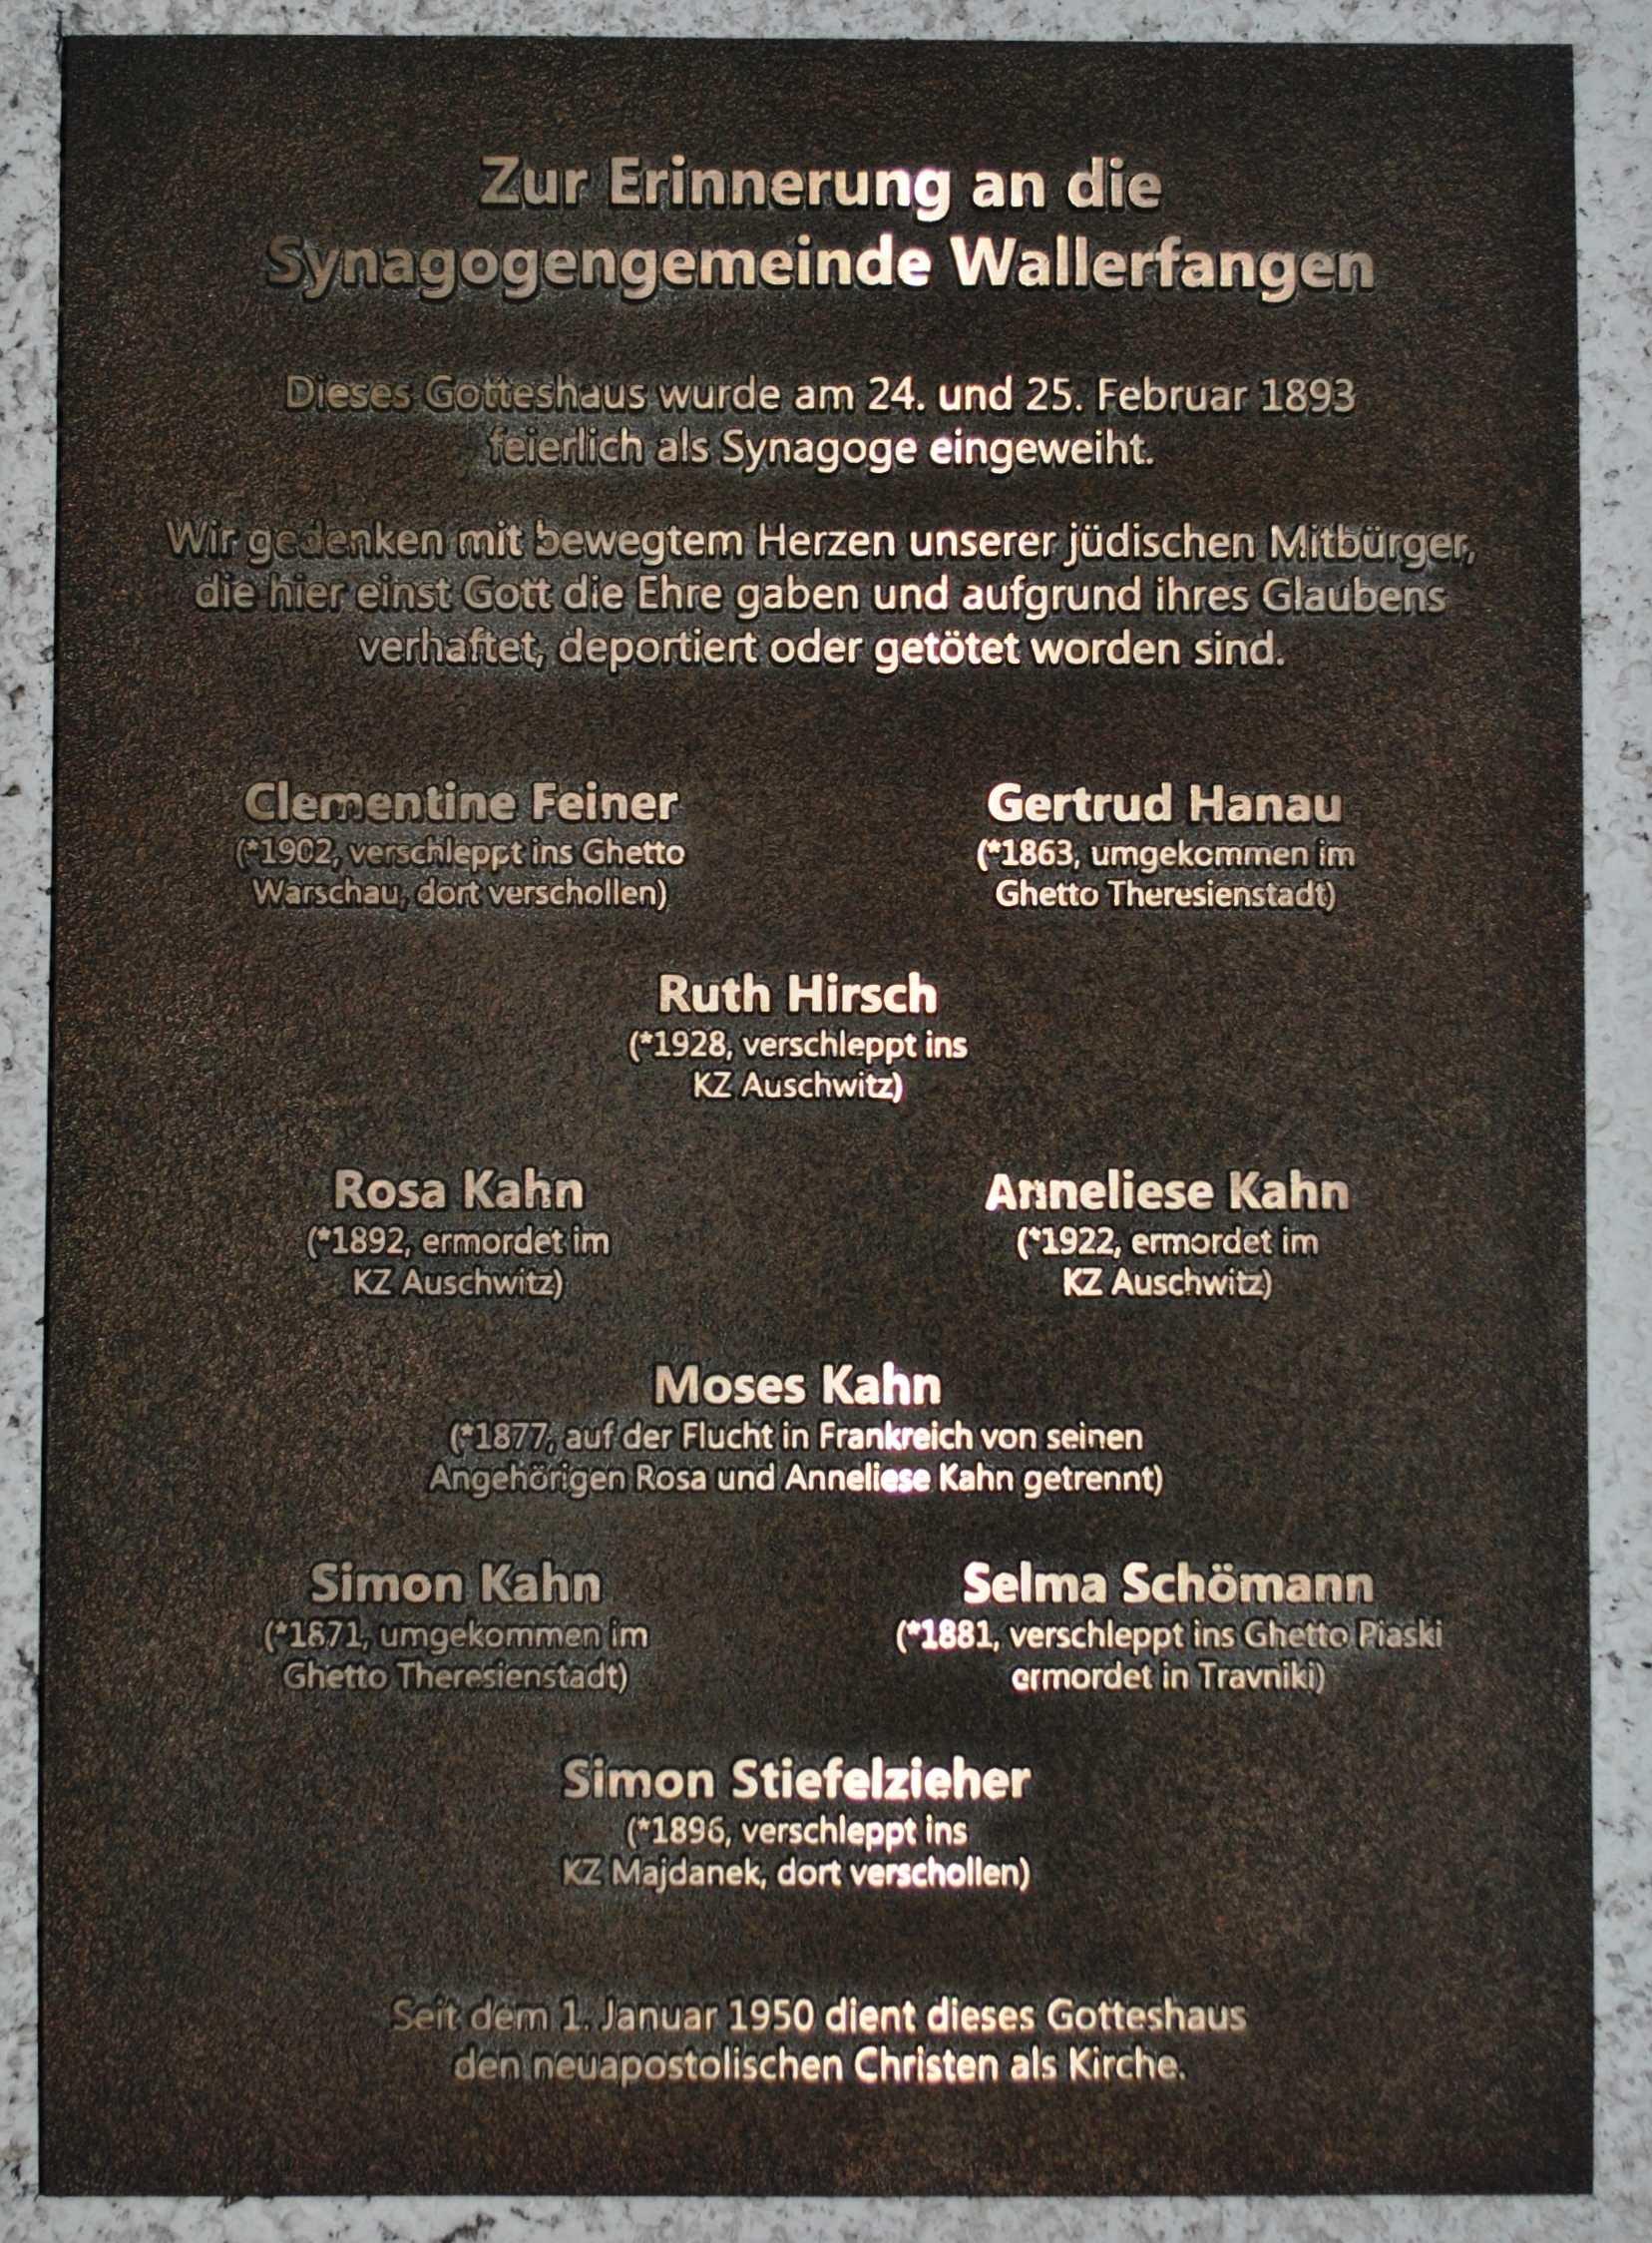 http://www.alemannia-judaica.de/images/Images%20381/Wallerfangen%20Gedenktafel%20010.jpg